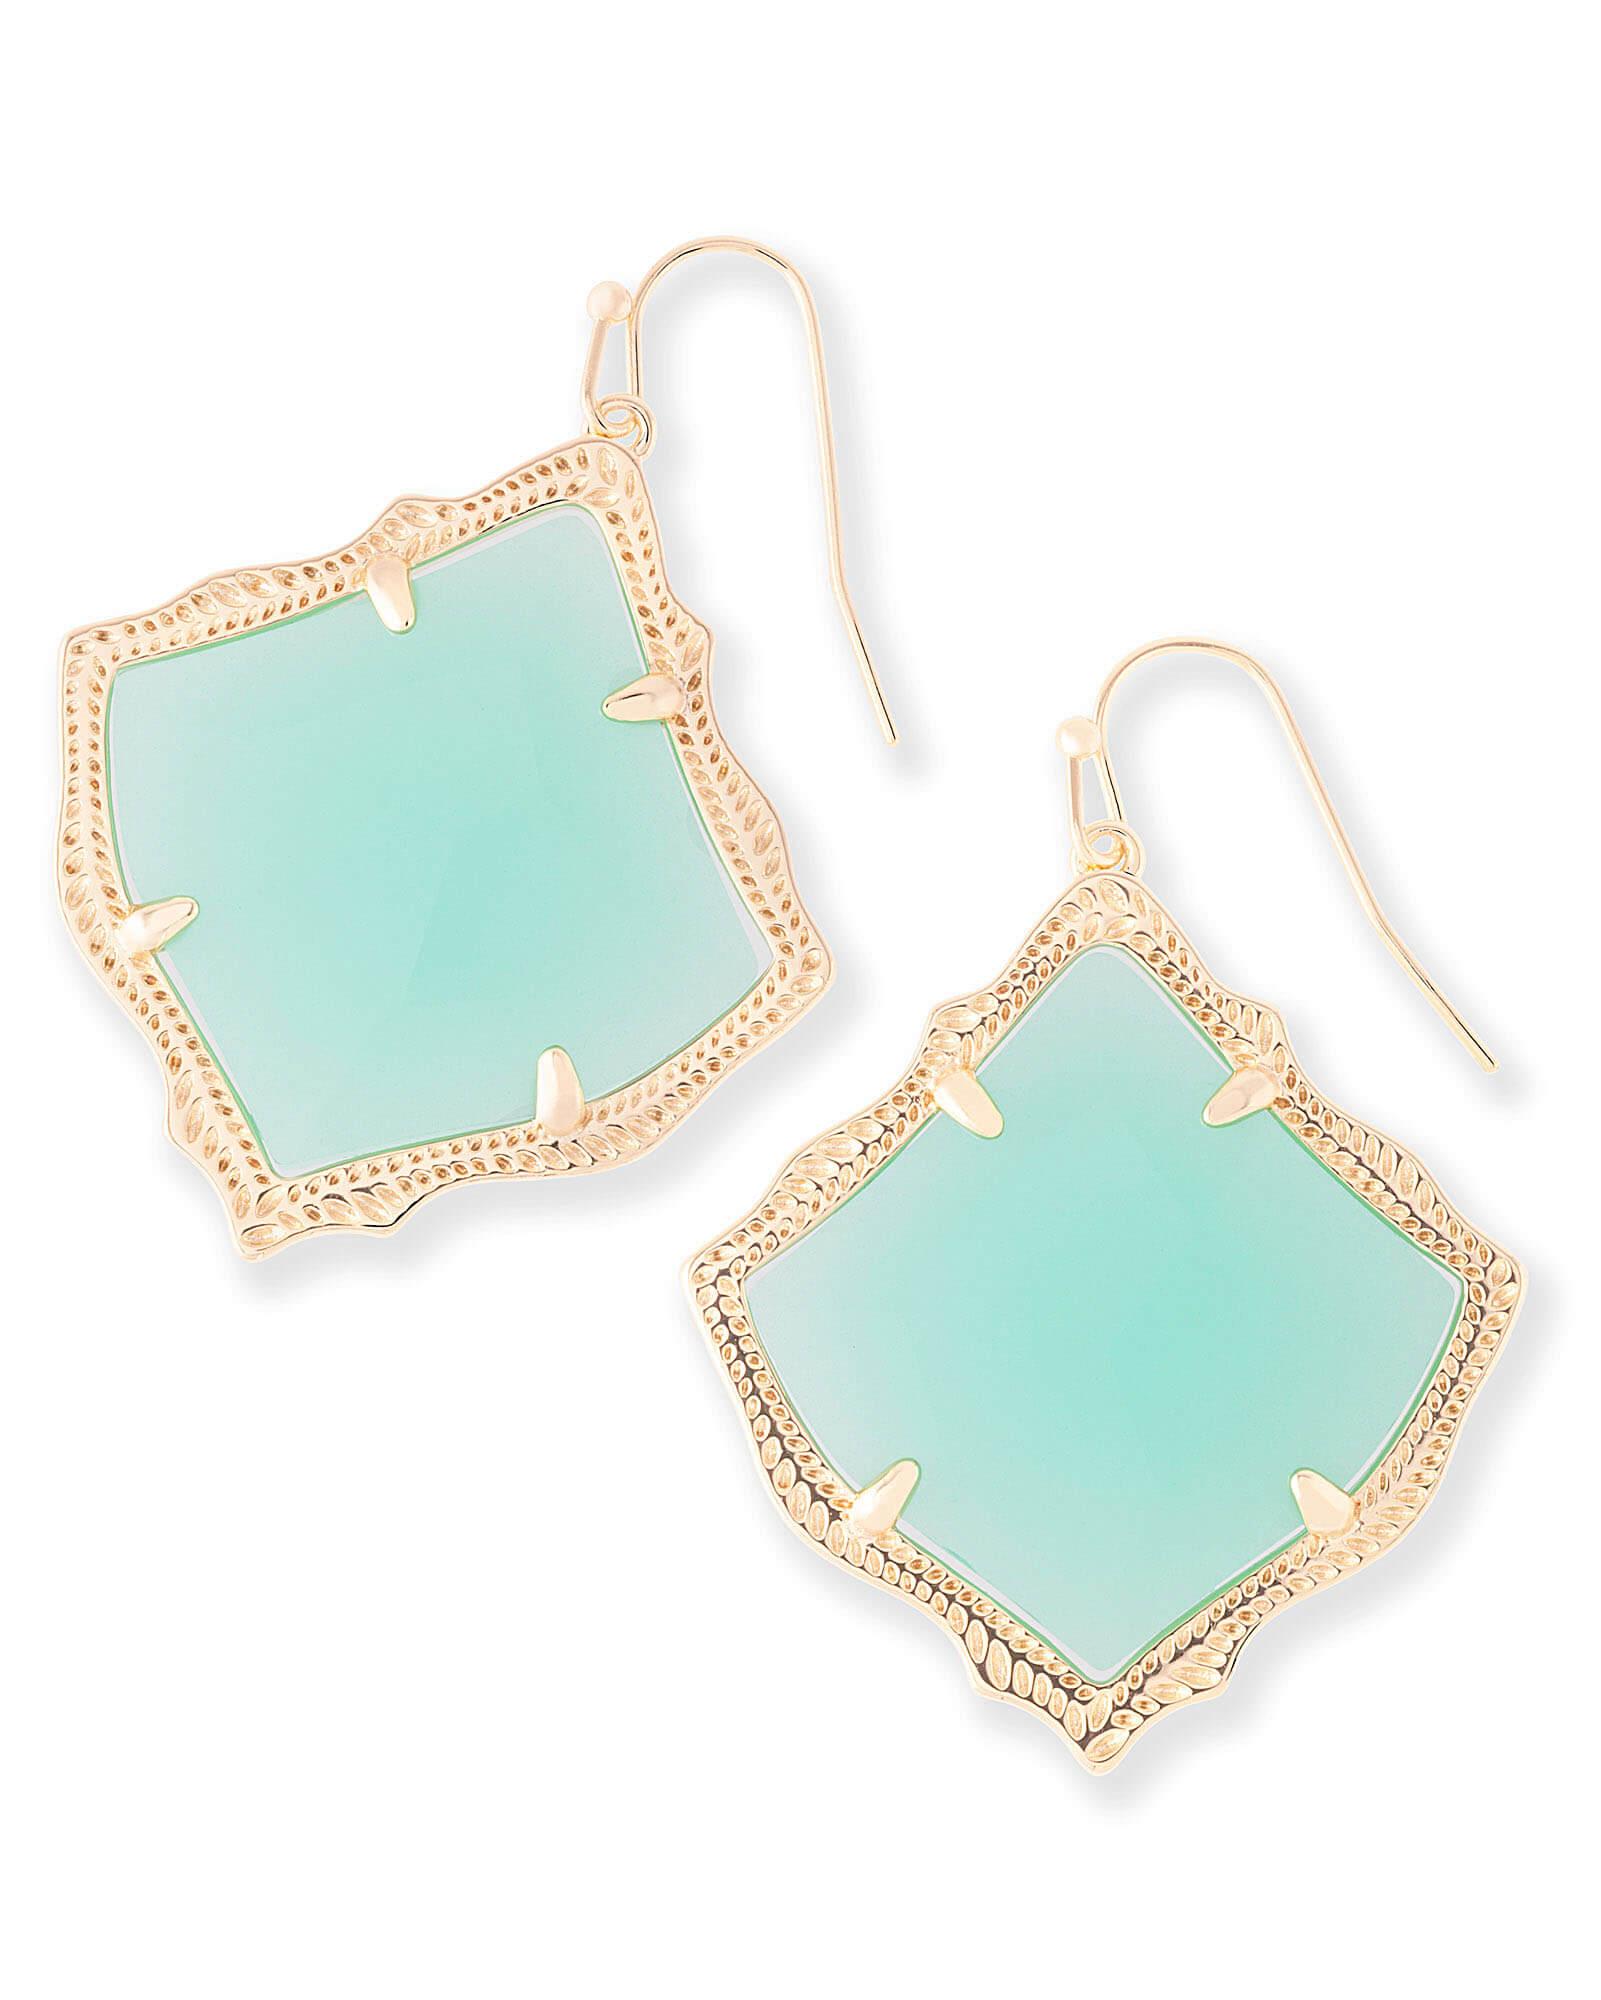 85aa3e3079bf7c Kirsten Drop Earrings in Chalcedony | Kendra Scott